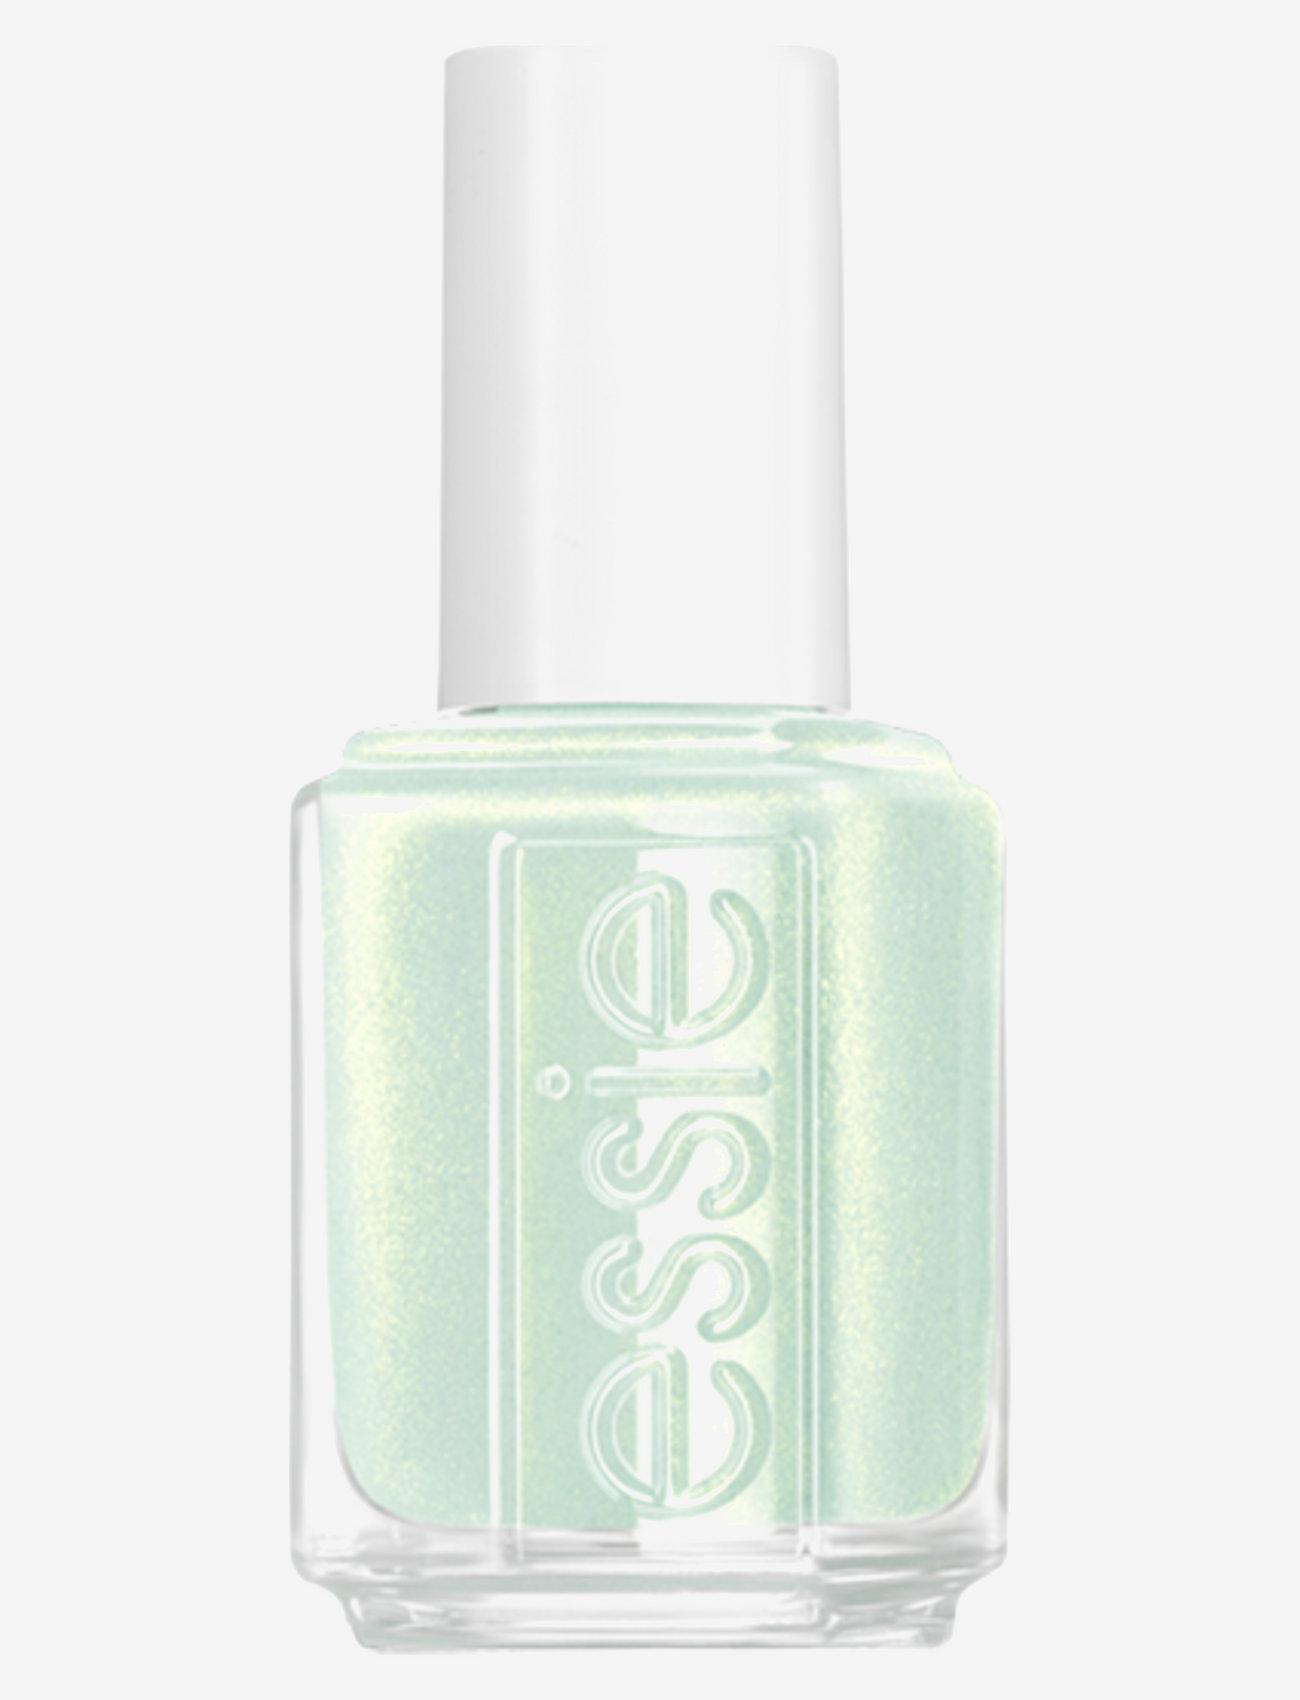 Essie - essie classic - winter collection peppermint condition 745 - nagellack - peppermint condition 745 - 0